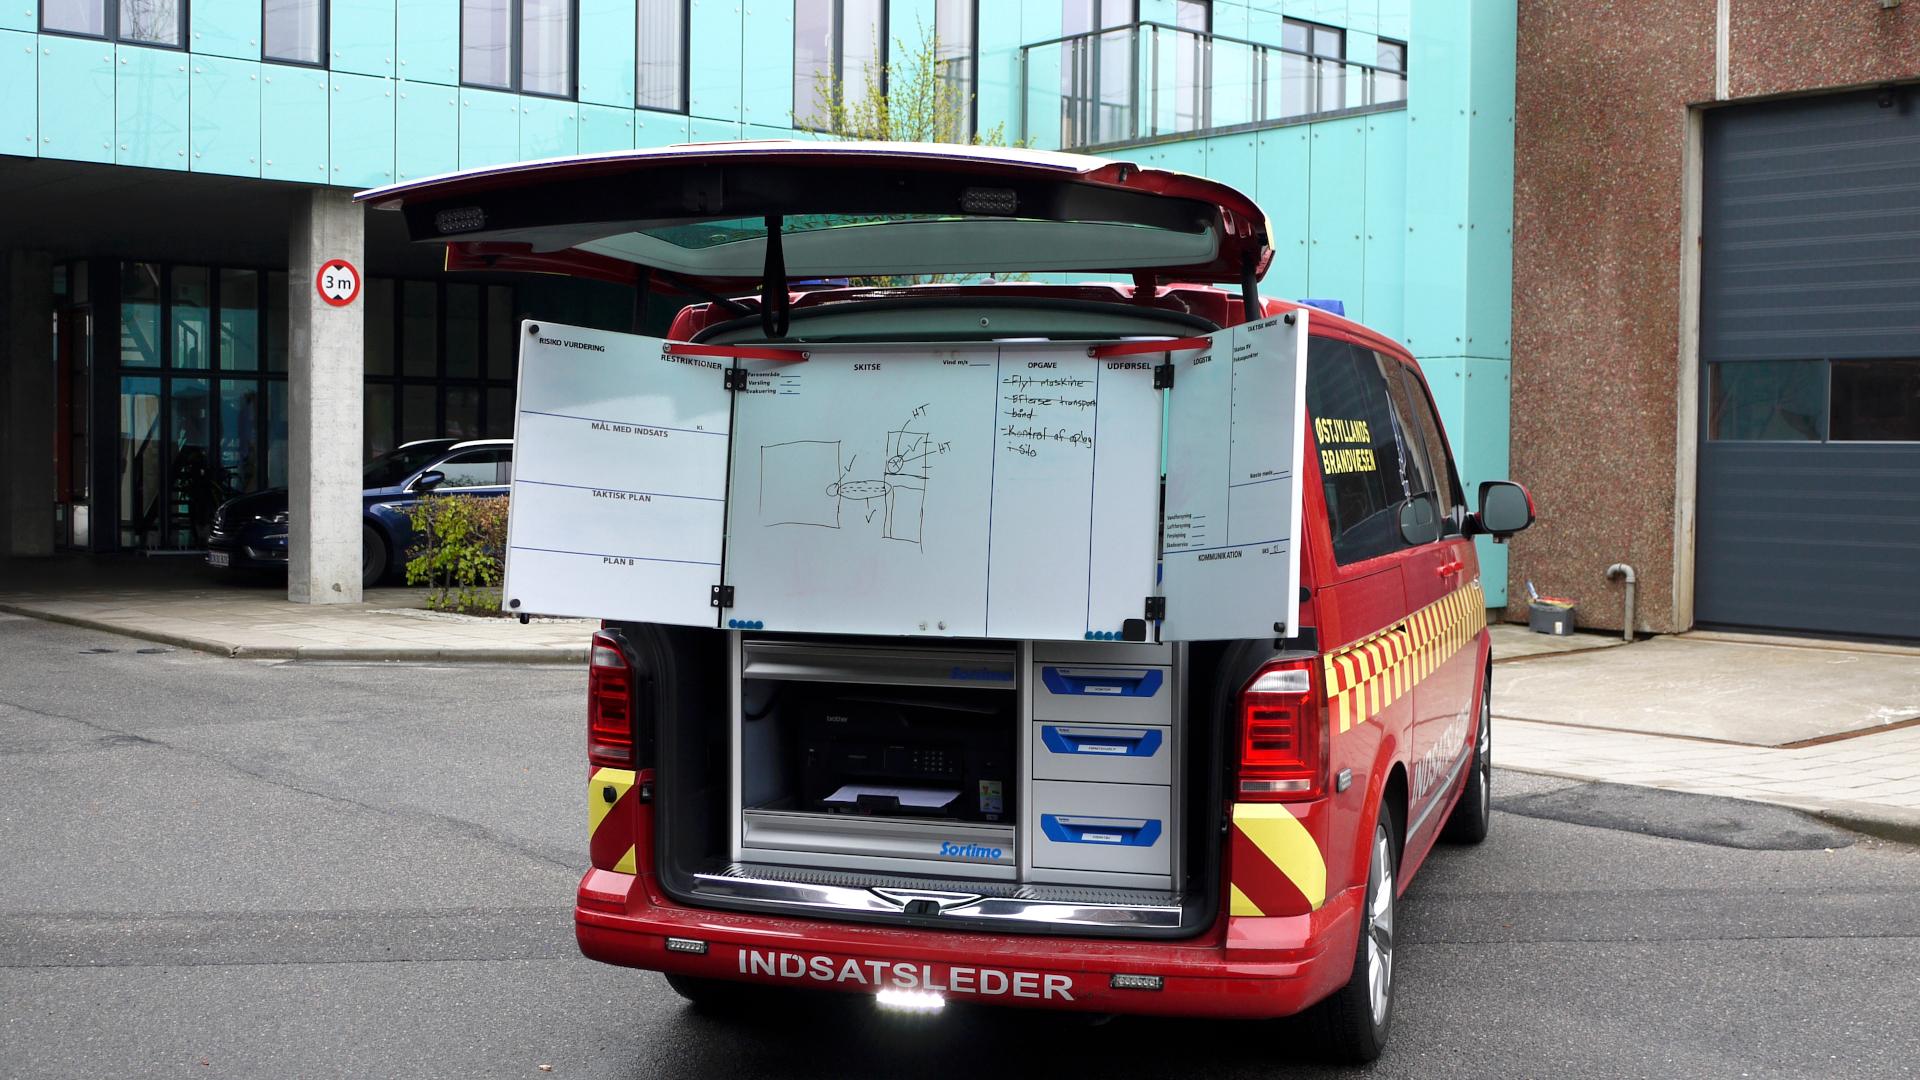 Indsatslederbil med whiteboard